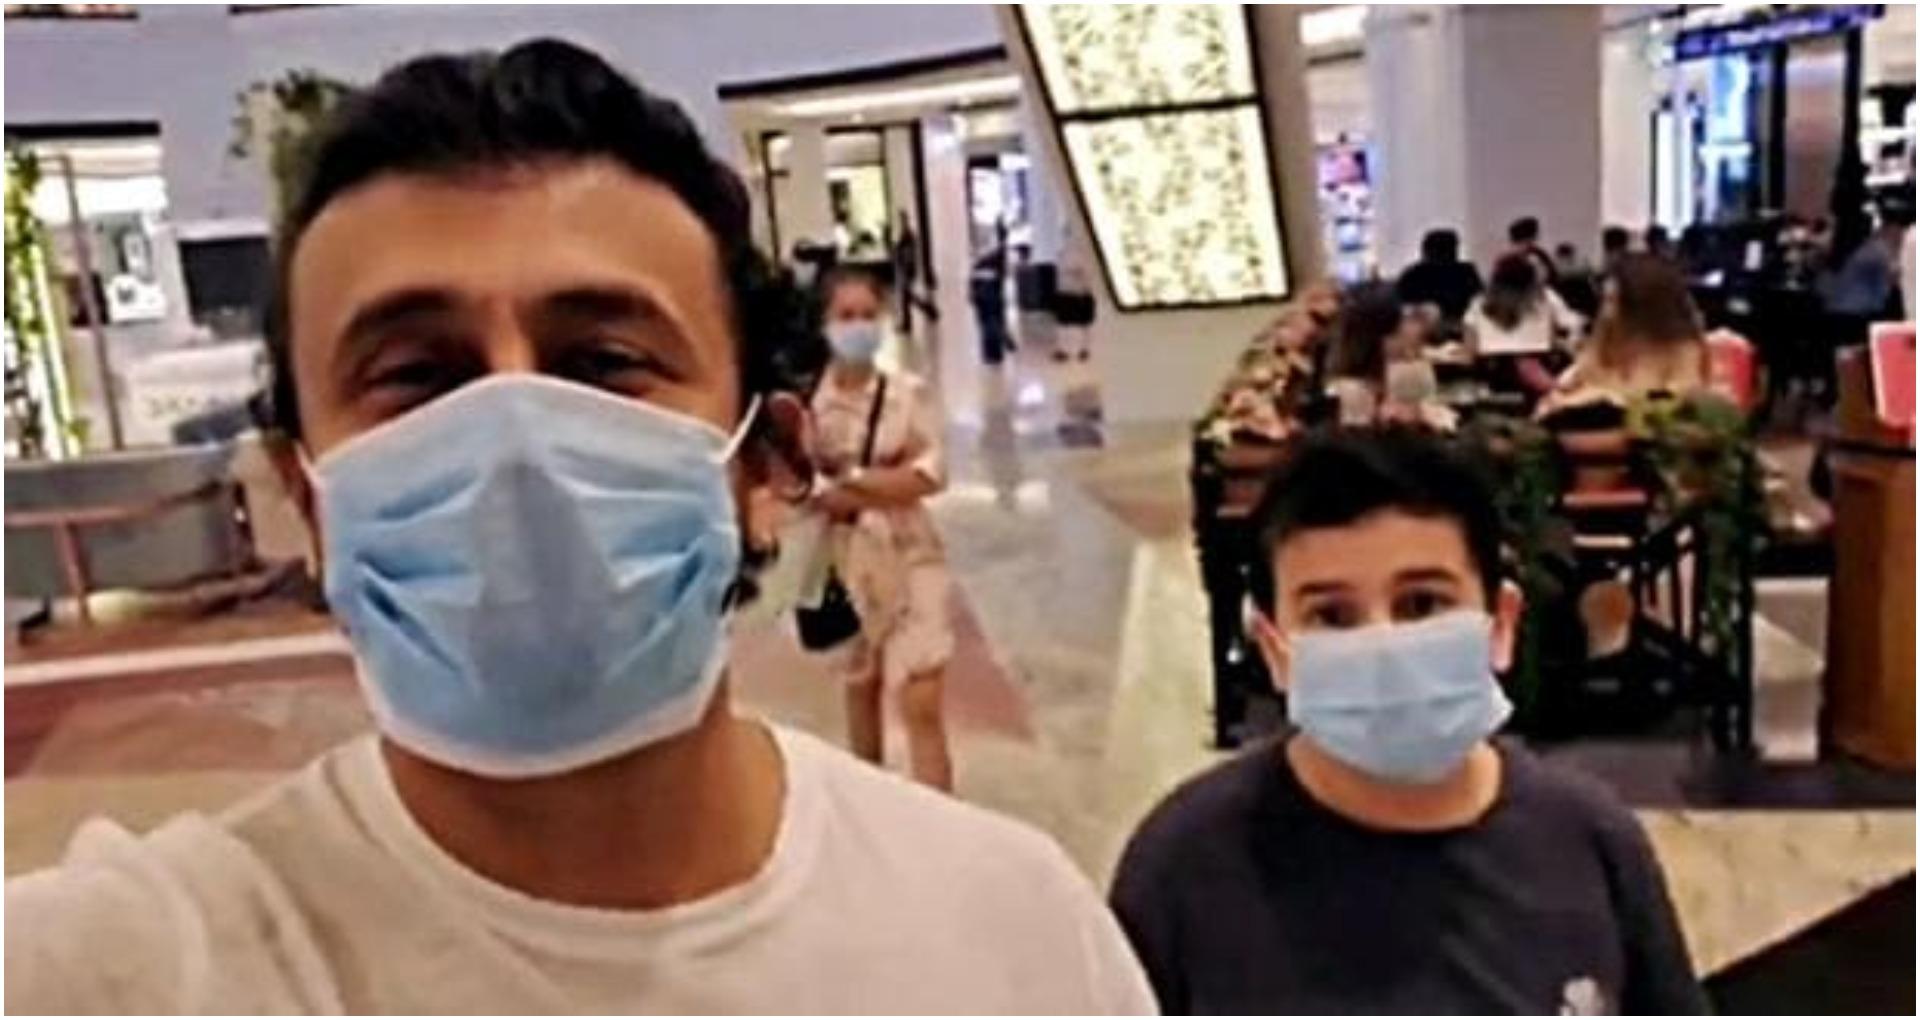 दुबई के मॉल में घूमते दिखे सोनू निगम, कहा- 'कोई पहचान नहीं रहा मुझे'